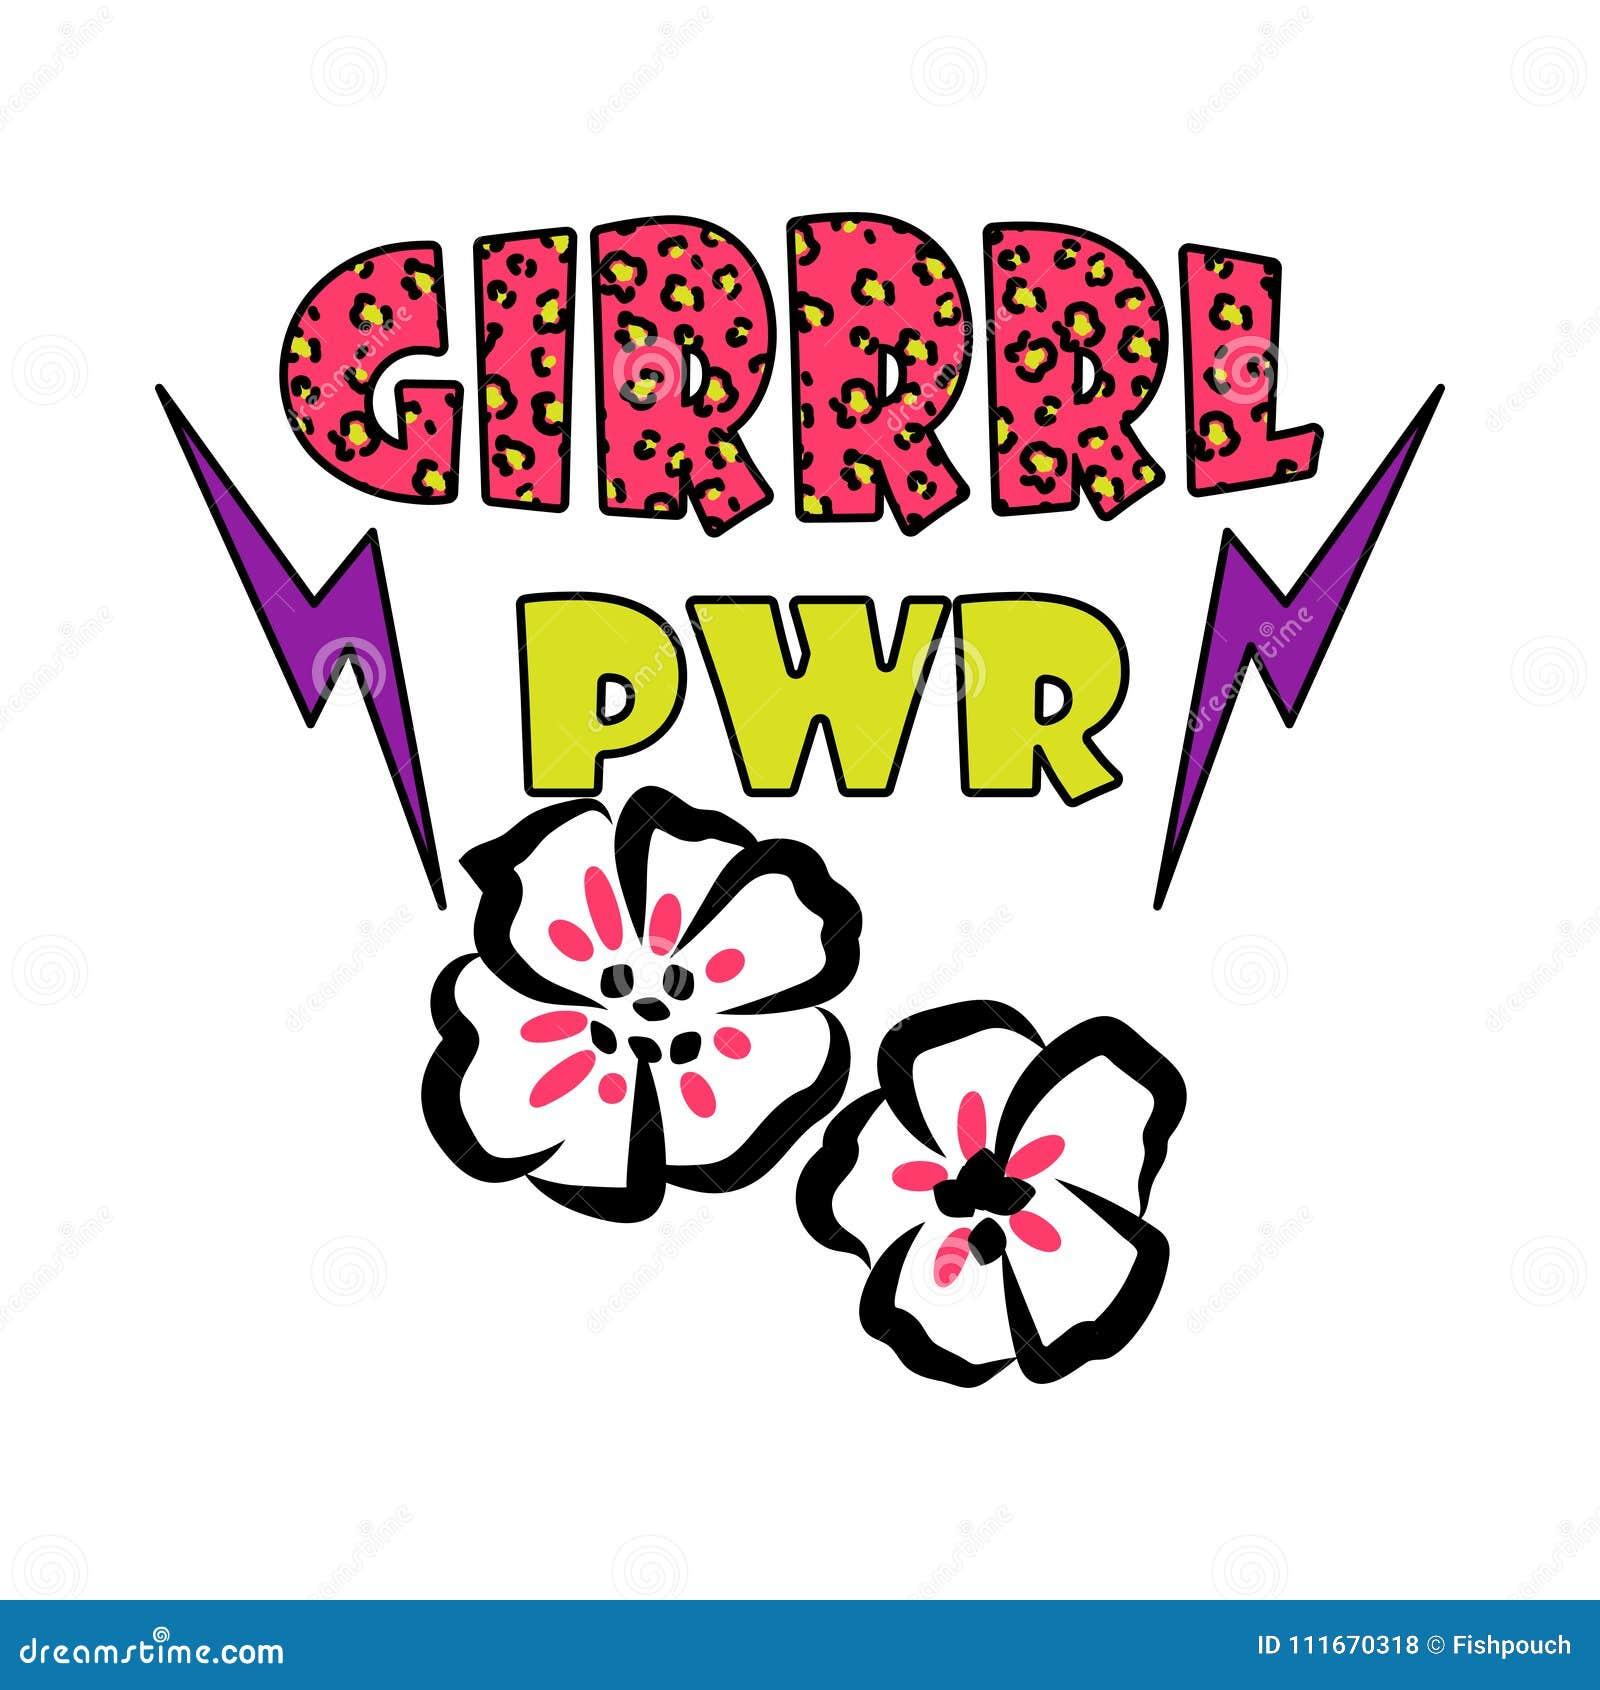 Girl Power Clip Art